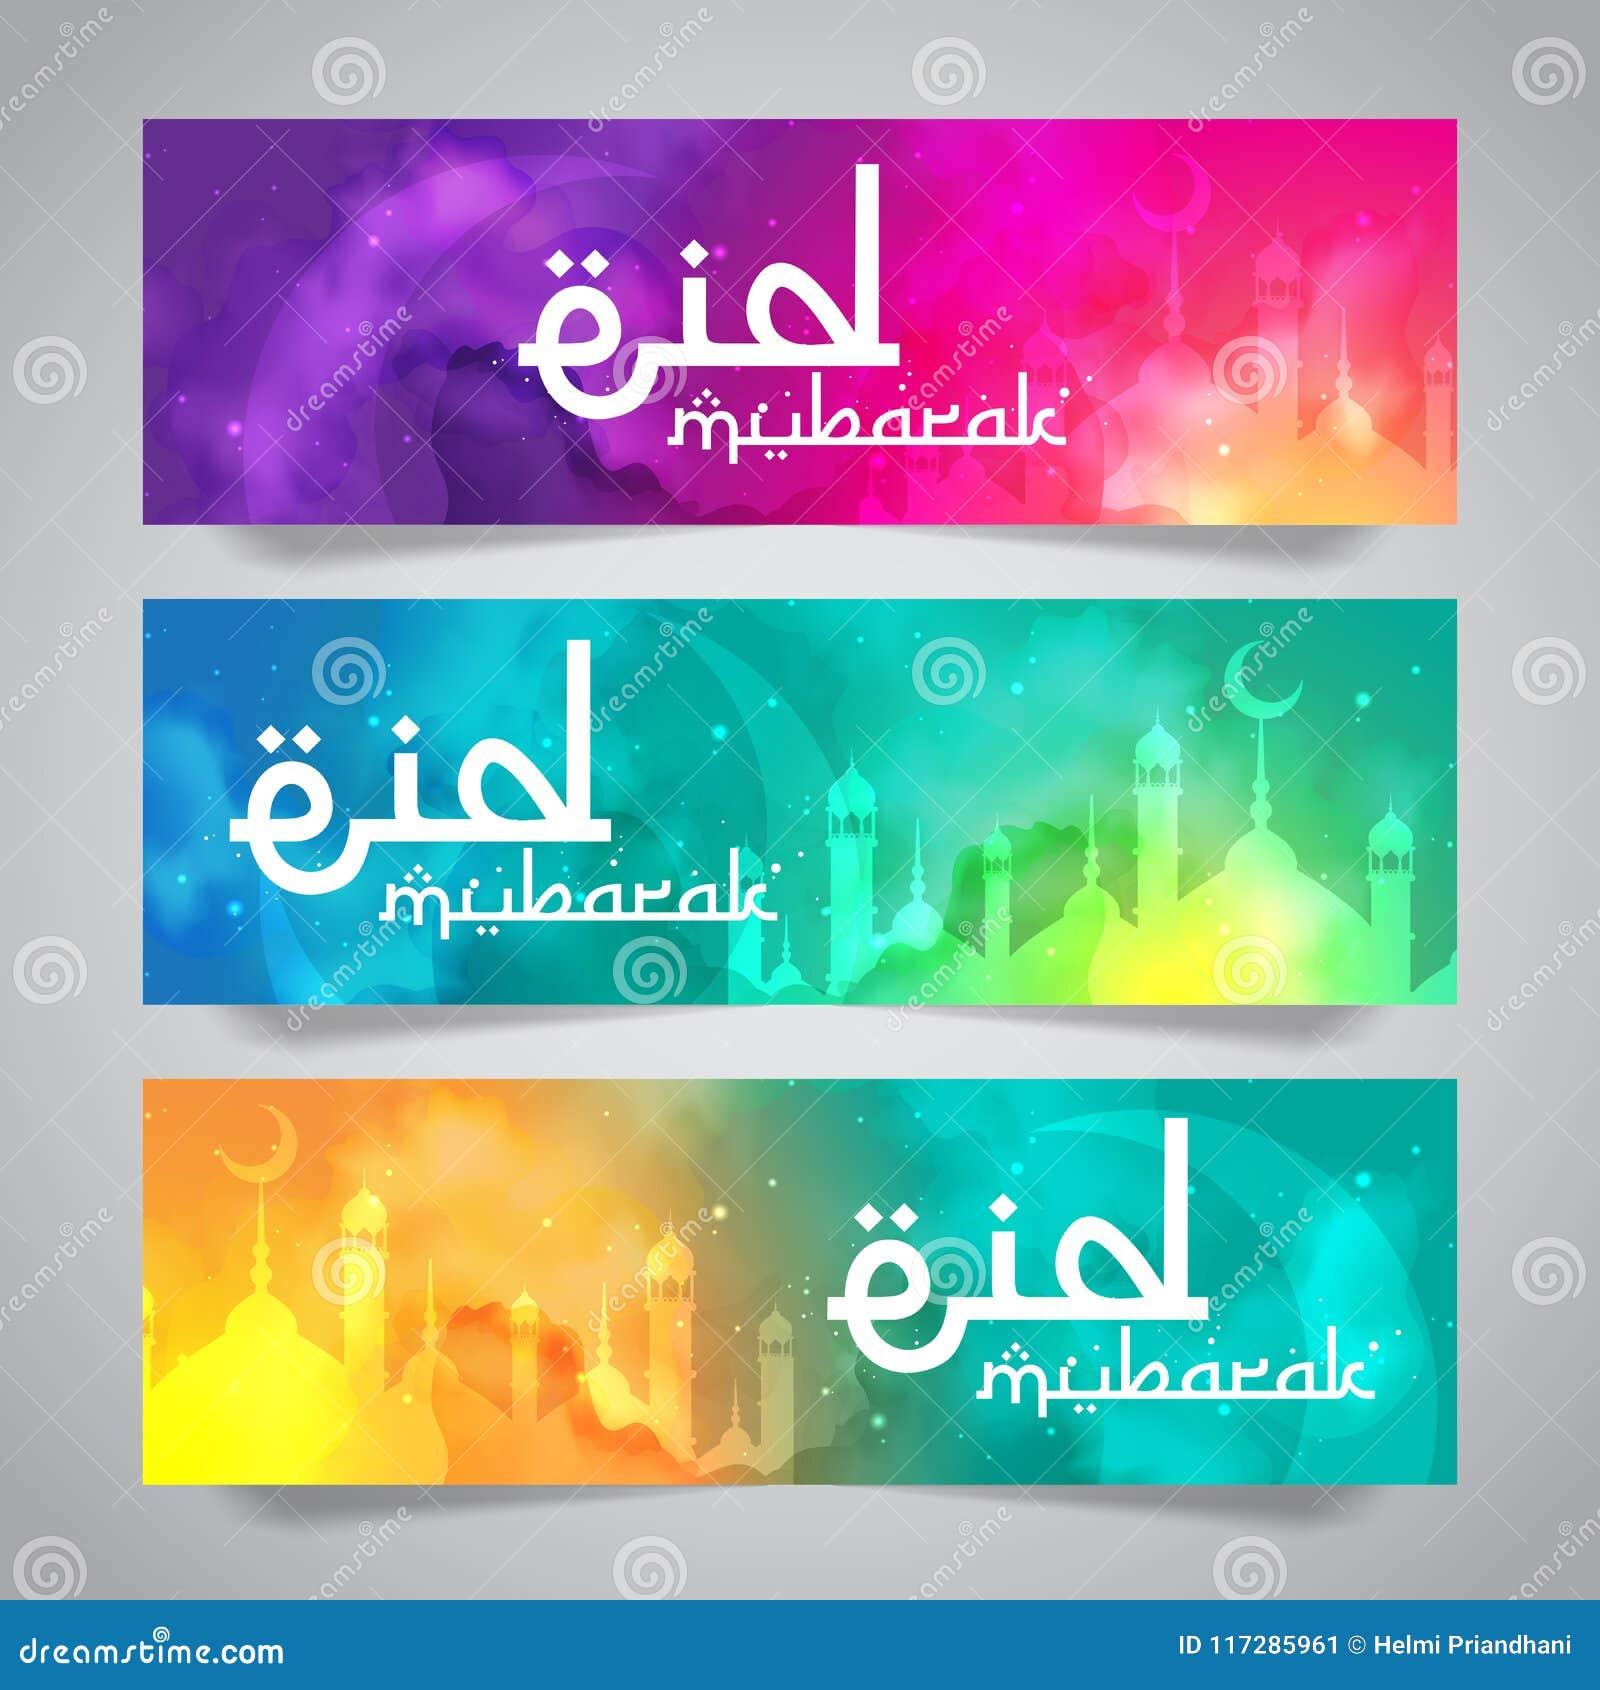 Eid Mubarak Islamic Greeting do molde santamente da bandeira do mês